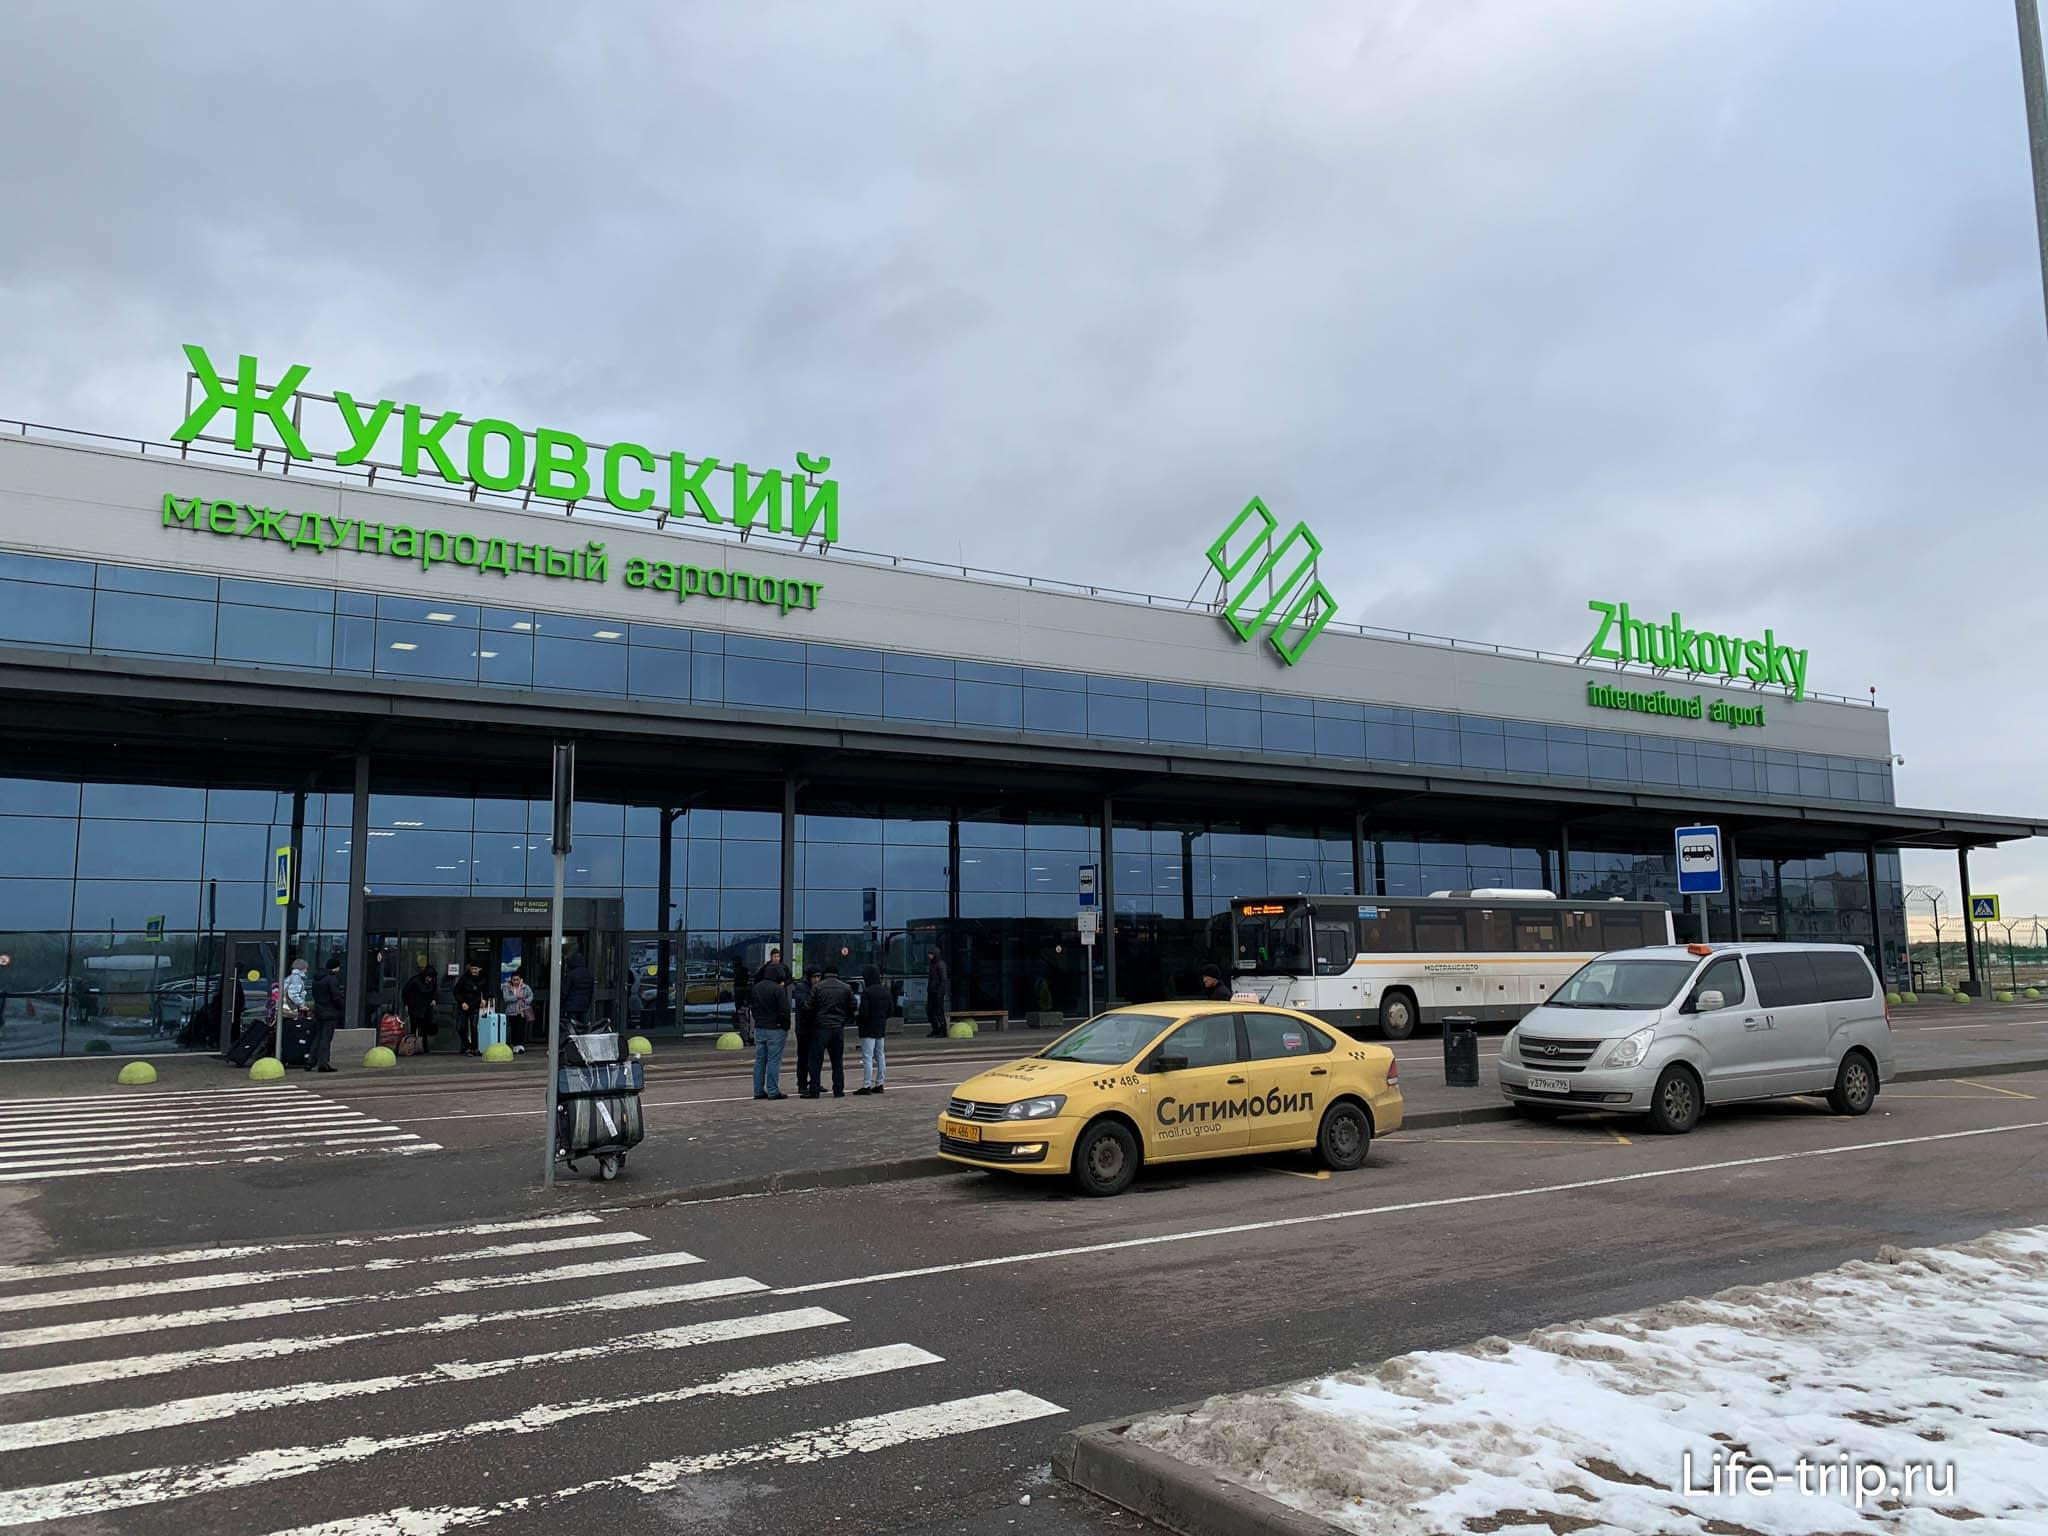 Парковка аэропорта Жуковский